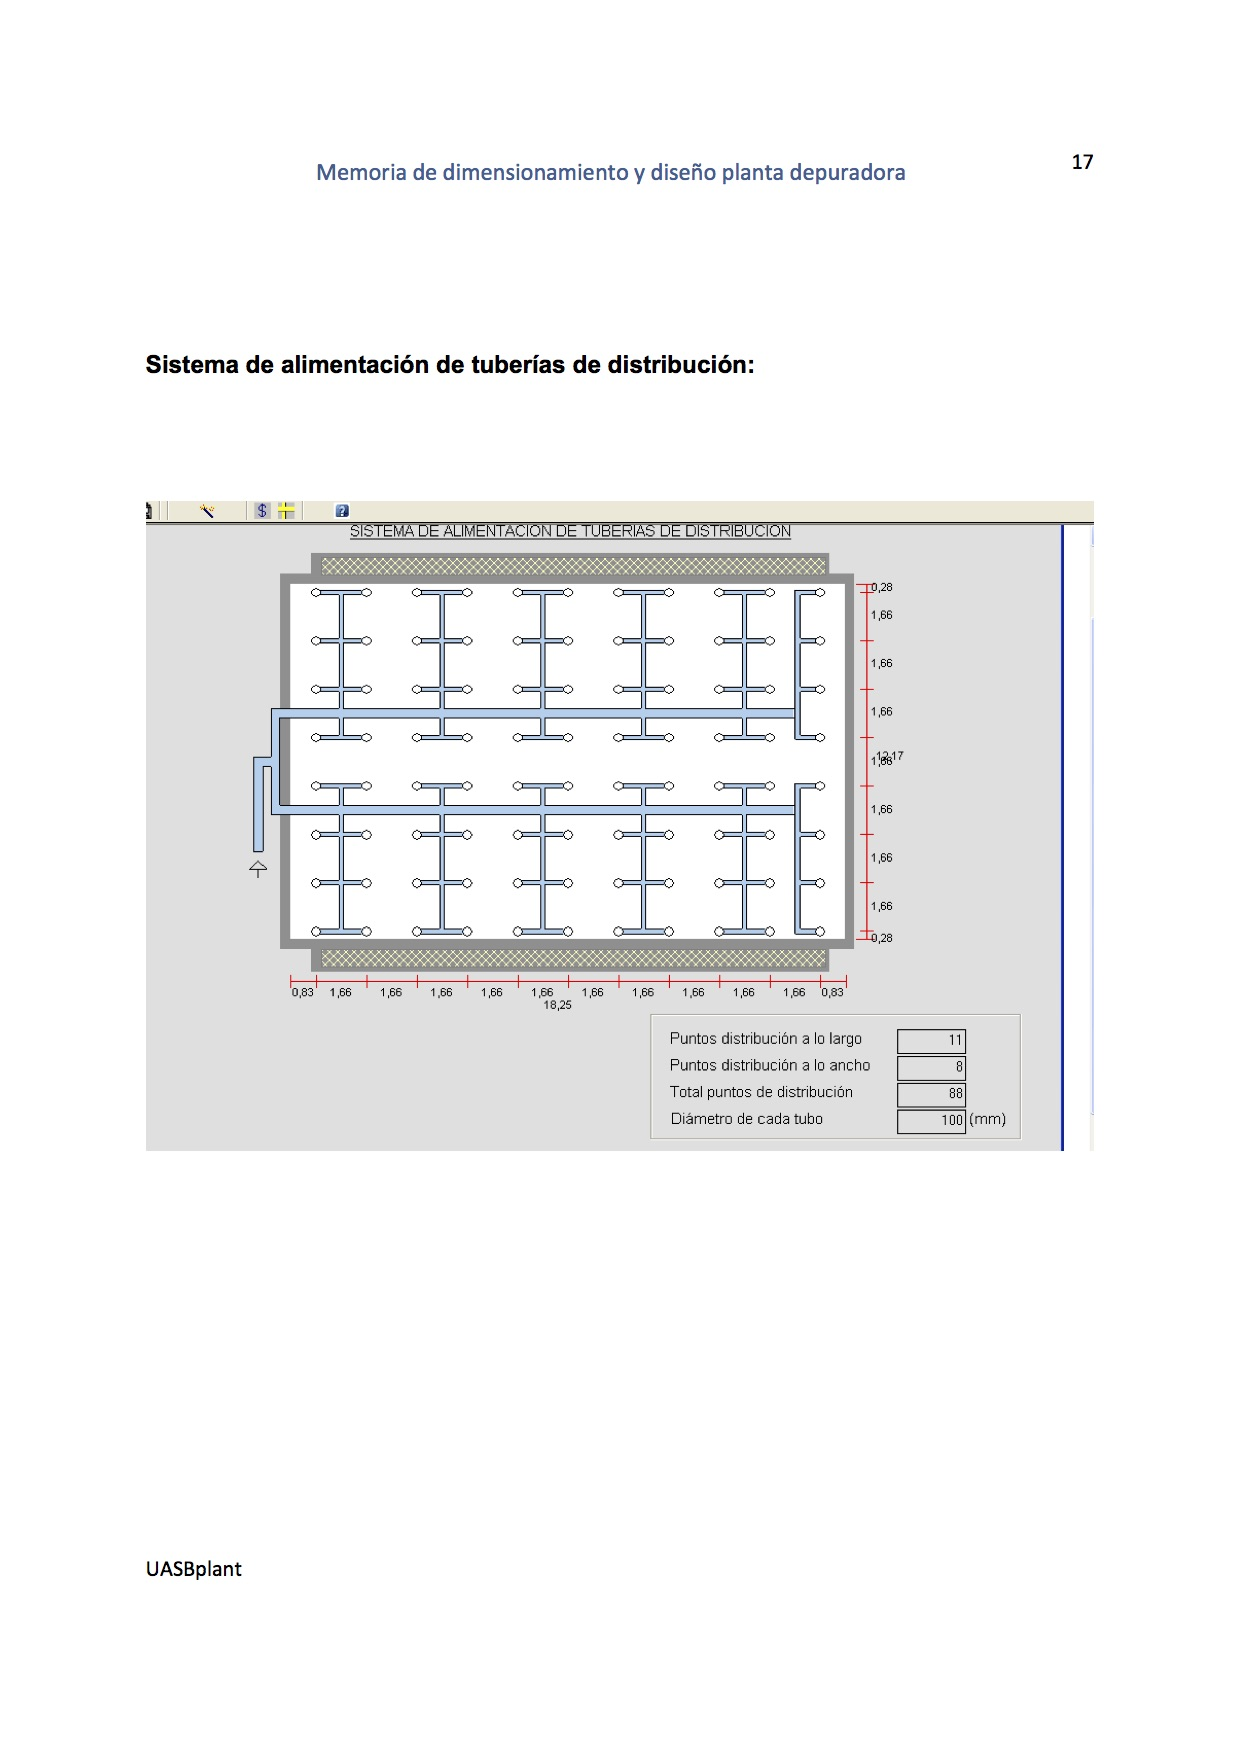 Software reactores UASB - biofiltros - clarificadores